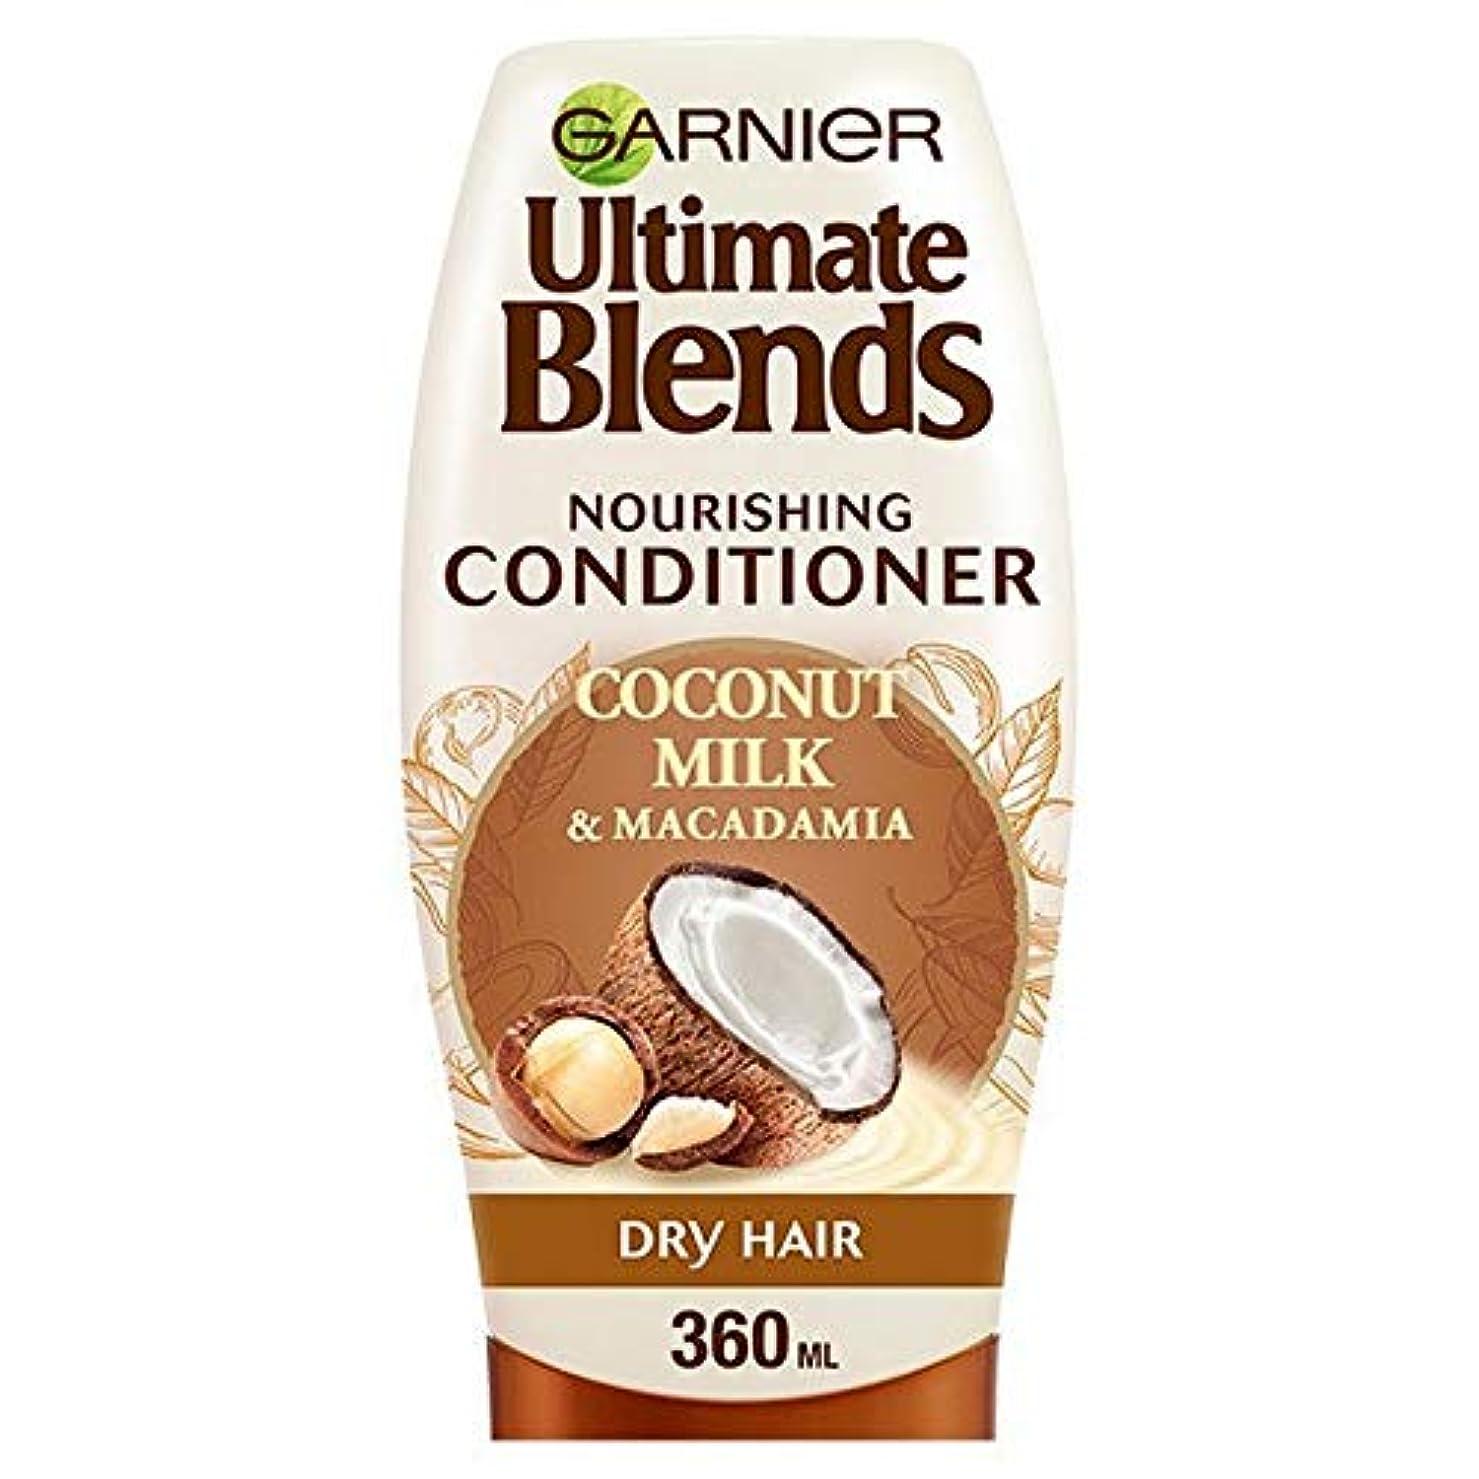 不忠回転する費用[Garnier ] 究極のブレンドココナッツミルクドライヘアコンディショナー360ミリリットル - Ultimate Blends Coconut Milk Dry Hair Conditioner 360ml [並行輸入品]